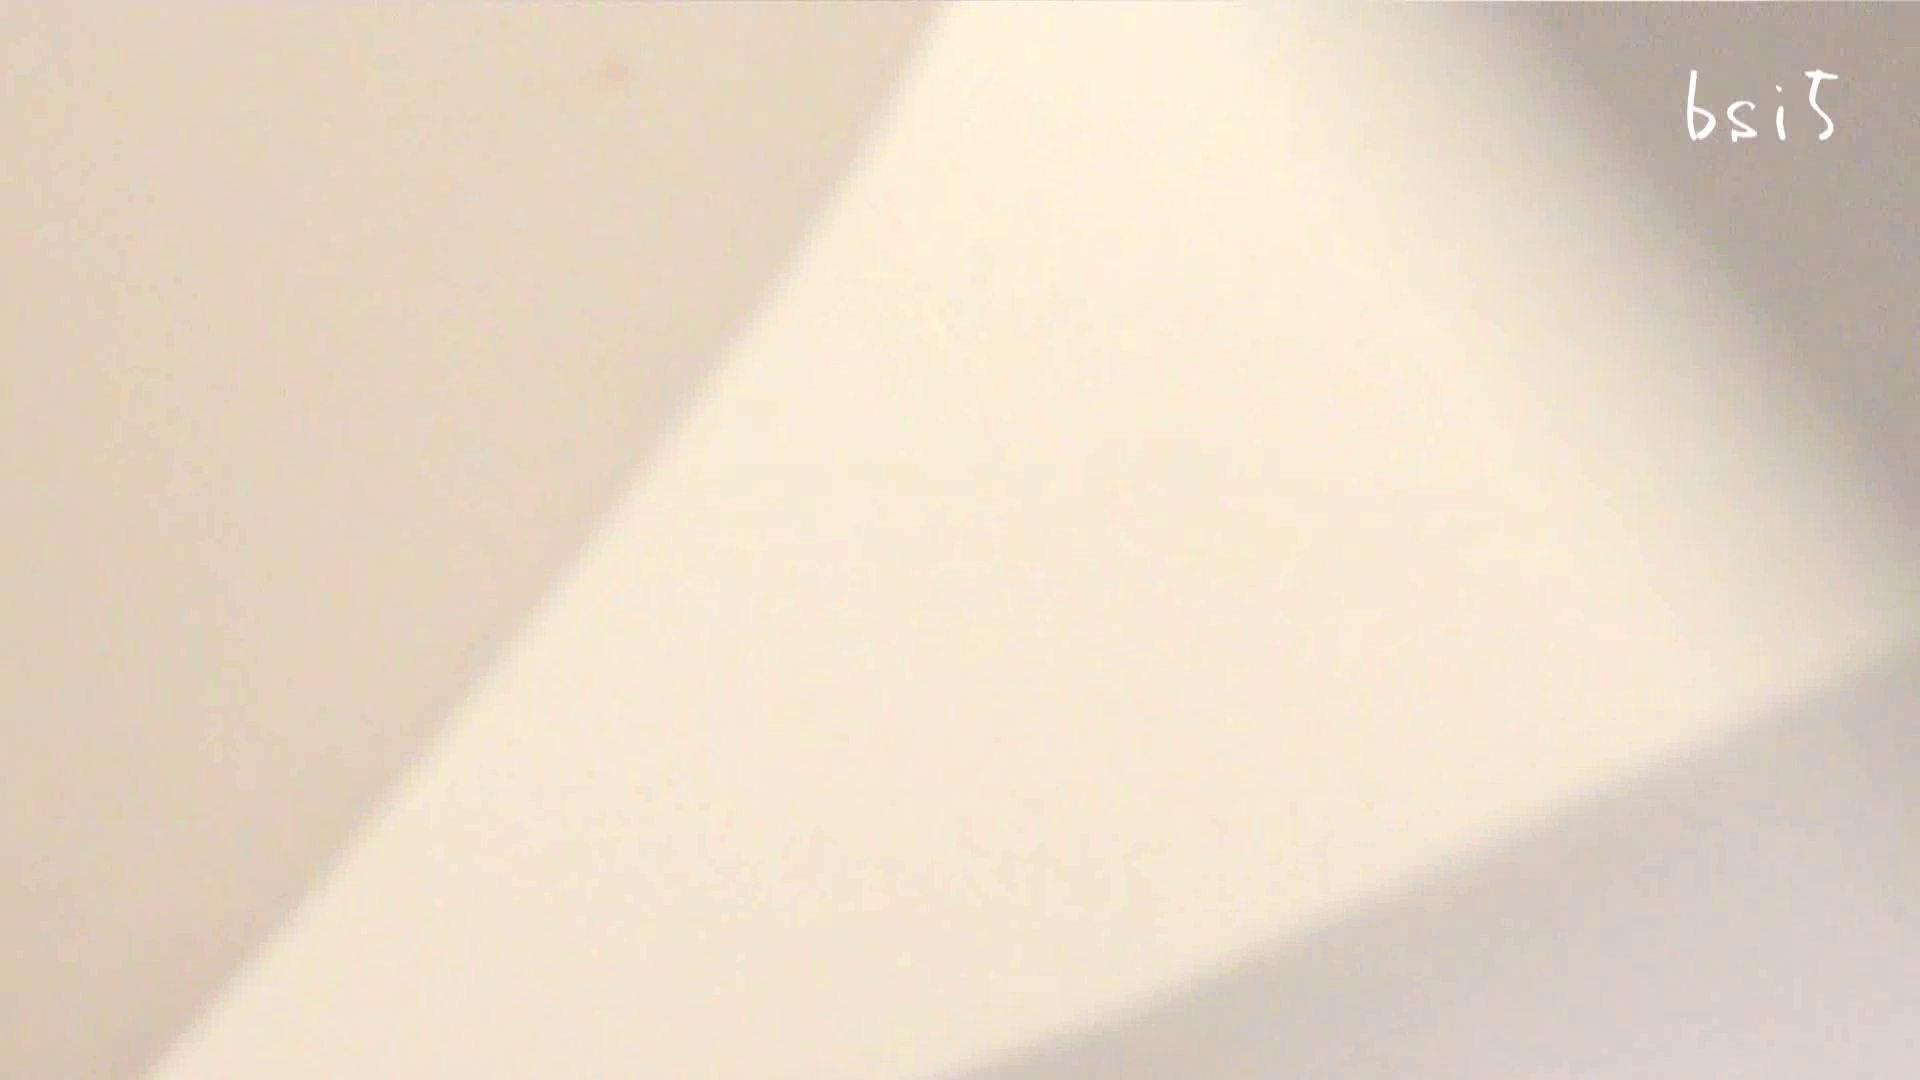 ナースのお小水 vol.005 ナースハメ撮り  110Pix 66